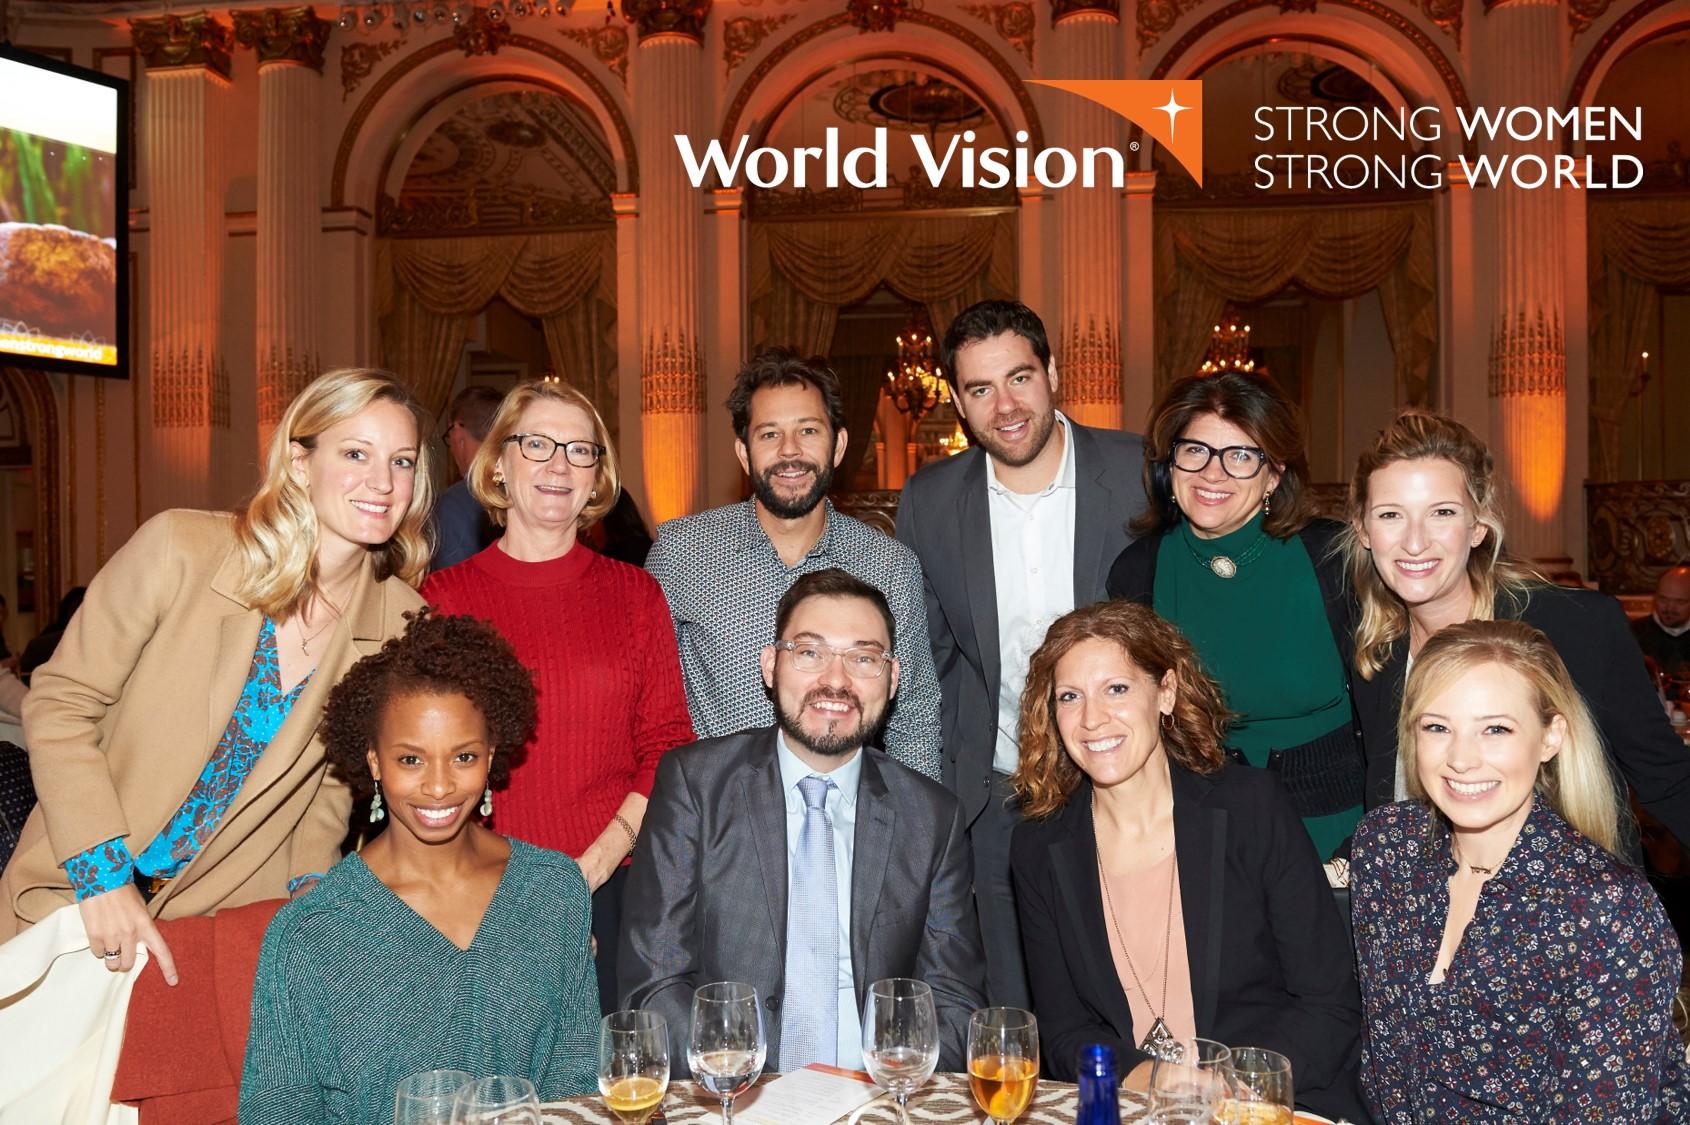 SWSW Event Photo